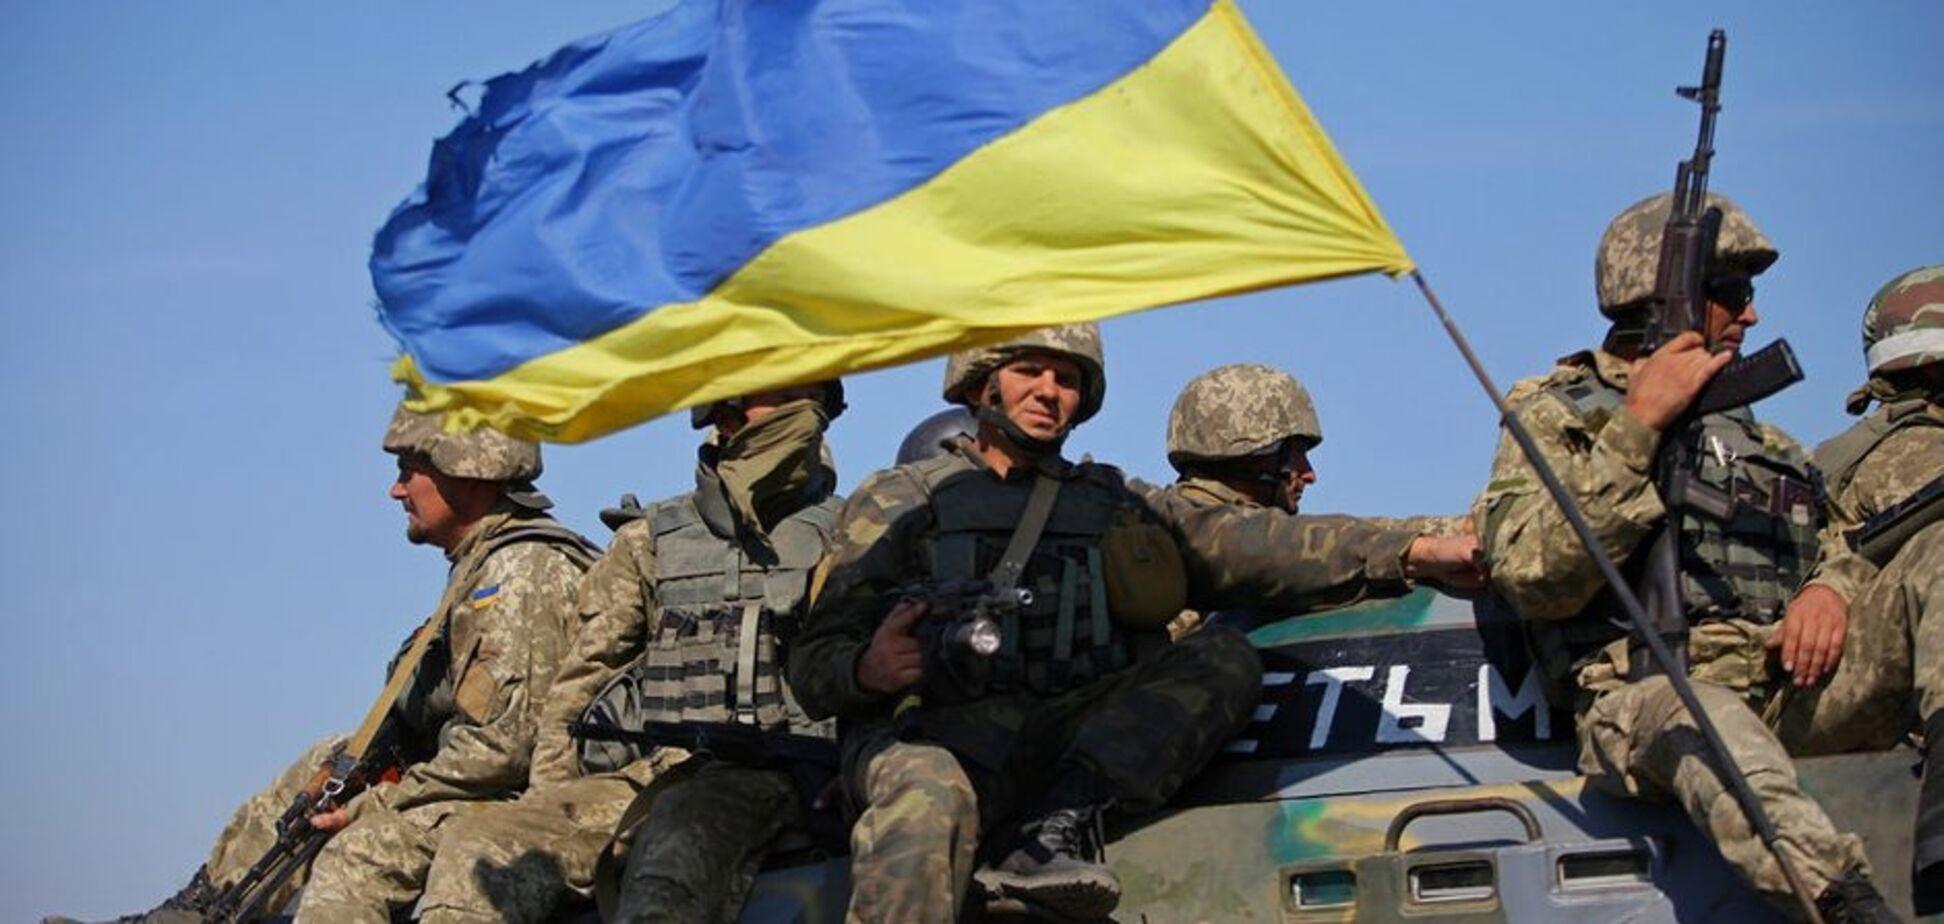 Украинскую армию ждет гражданский министр обороны, переход на стандарты НАТО и американское оружие